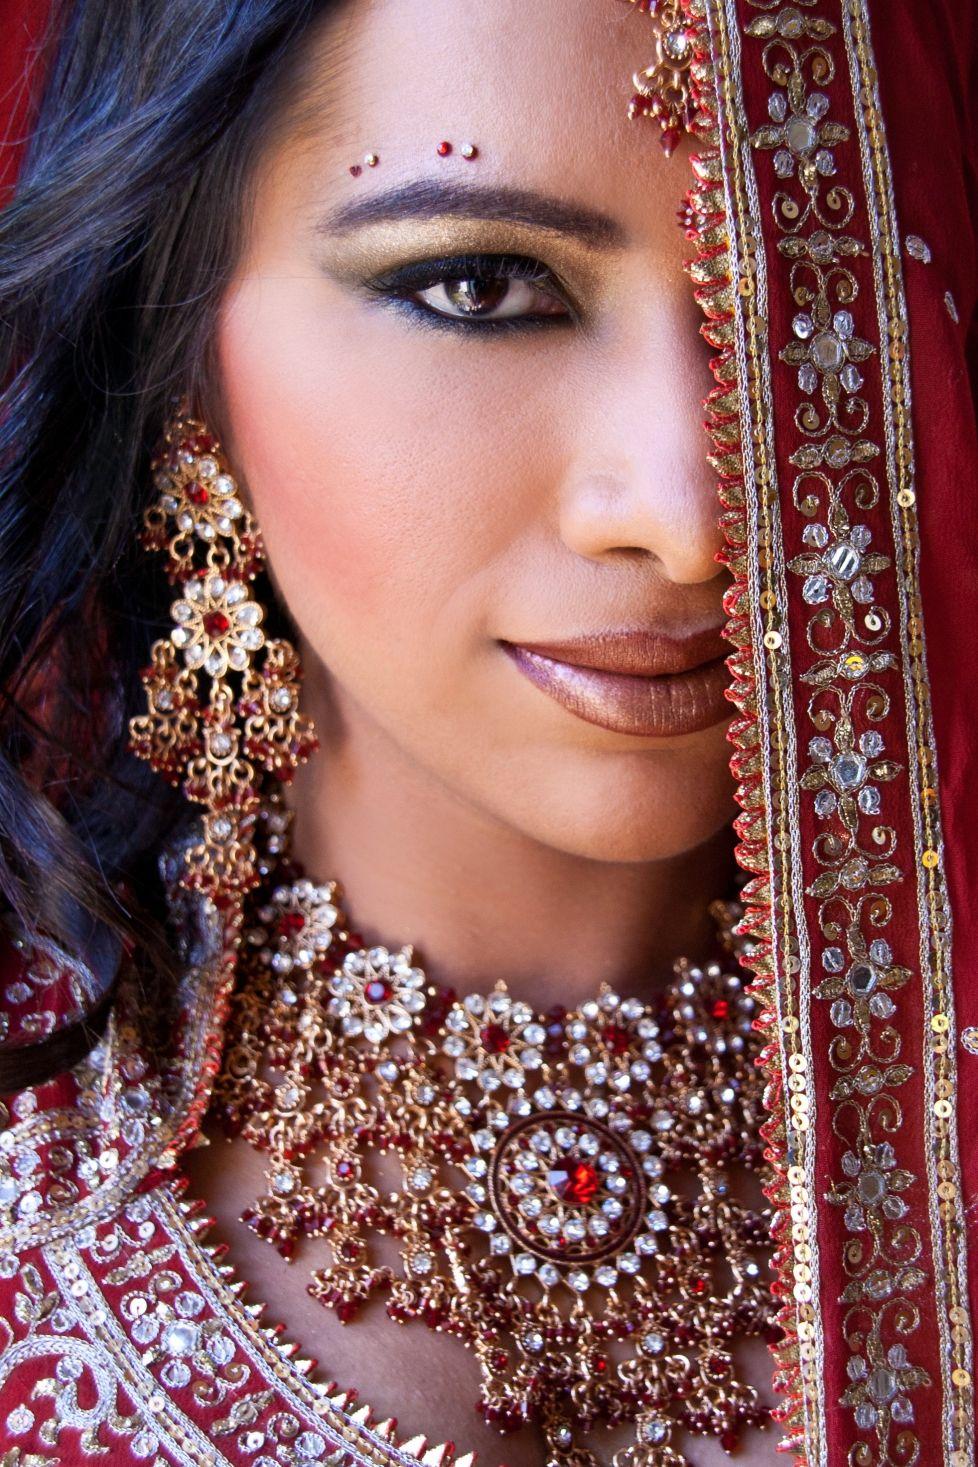 любители красивые картинки с индискими певицы как подбор